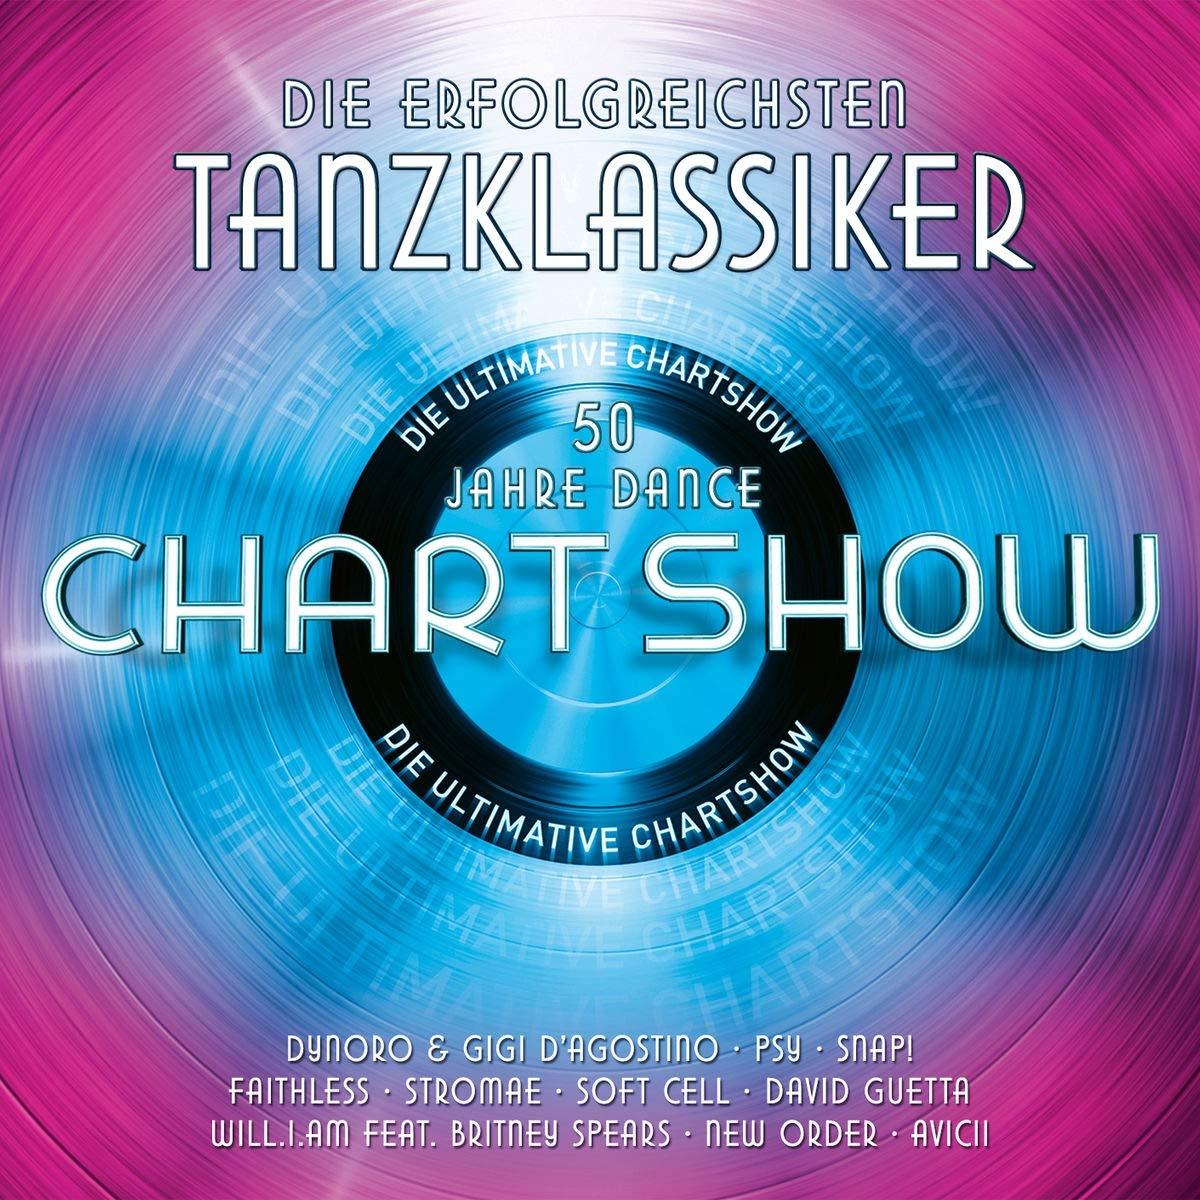 Die ultimative Chartshow am 11.06. mit den erfolgreichsten Dance-Hits